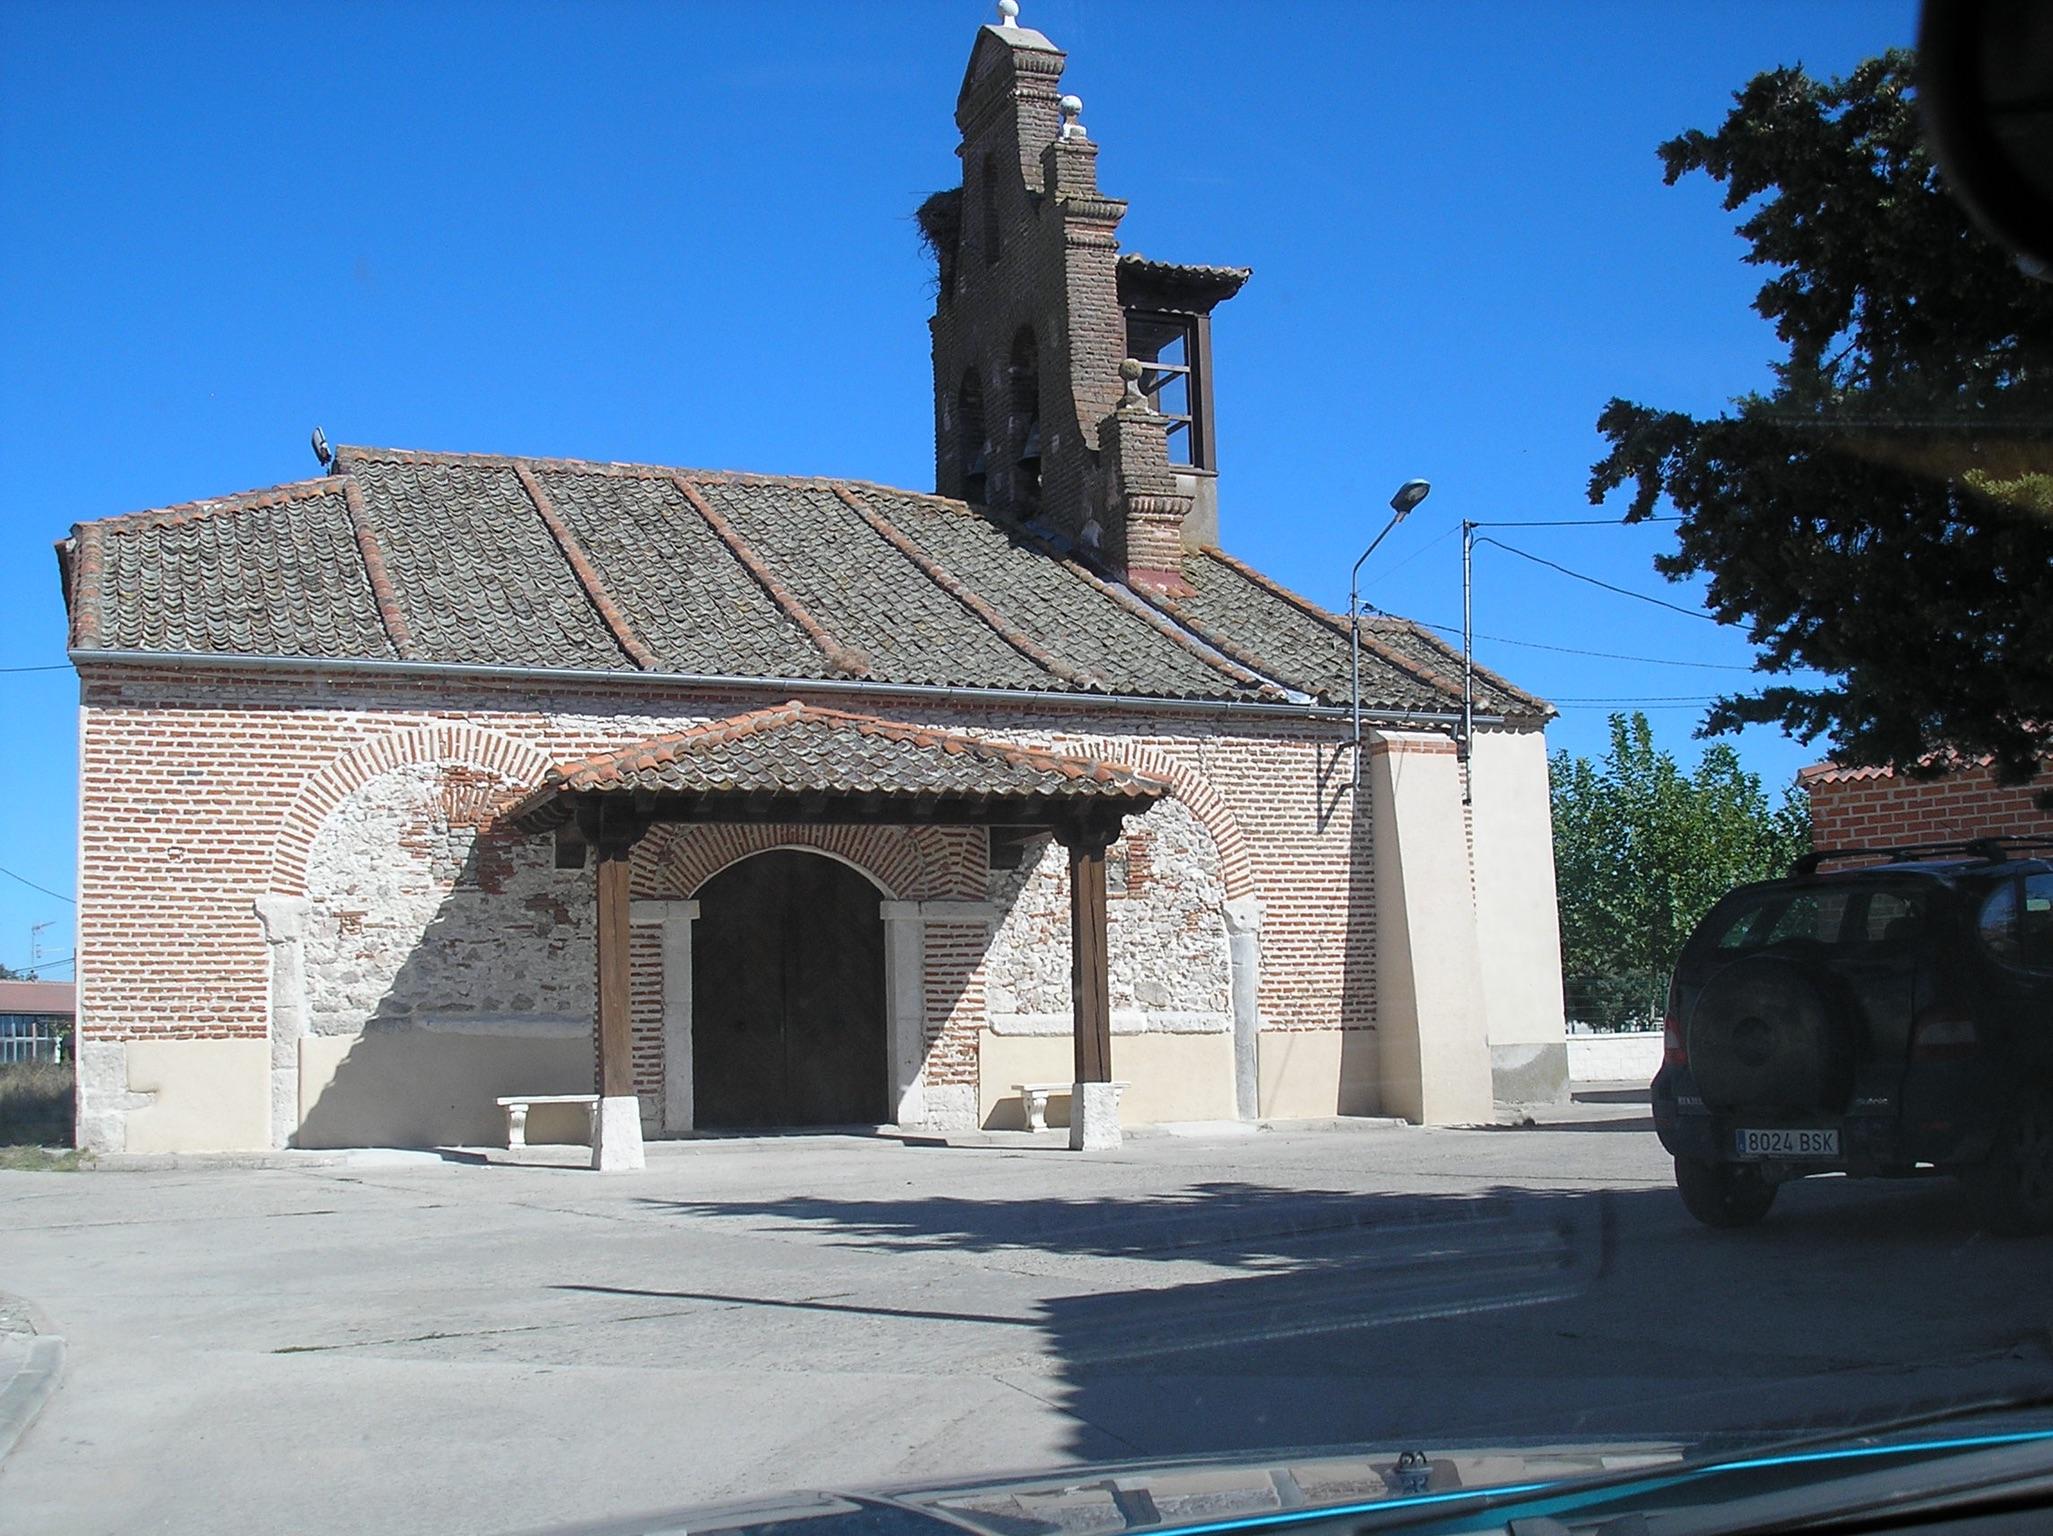 Ferienhaus Haus mit 2 Schlafzimmern in Chatún mit privatem Pool, eingezäuntem Garten und W-LAN (2201405), Chatun, Segovia, Kastilien-León, Spanien, Bild 18